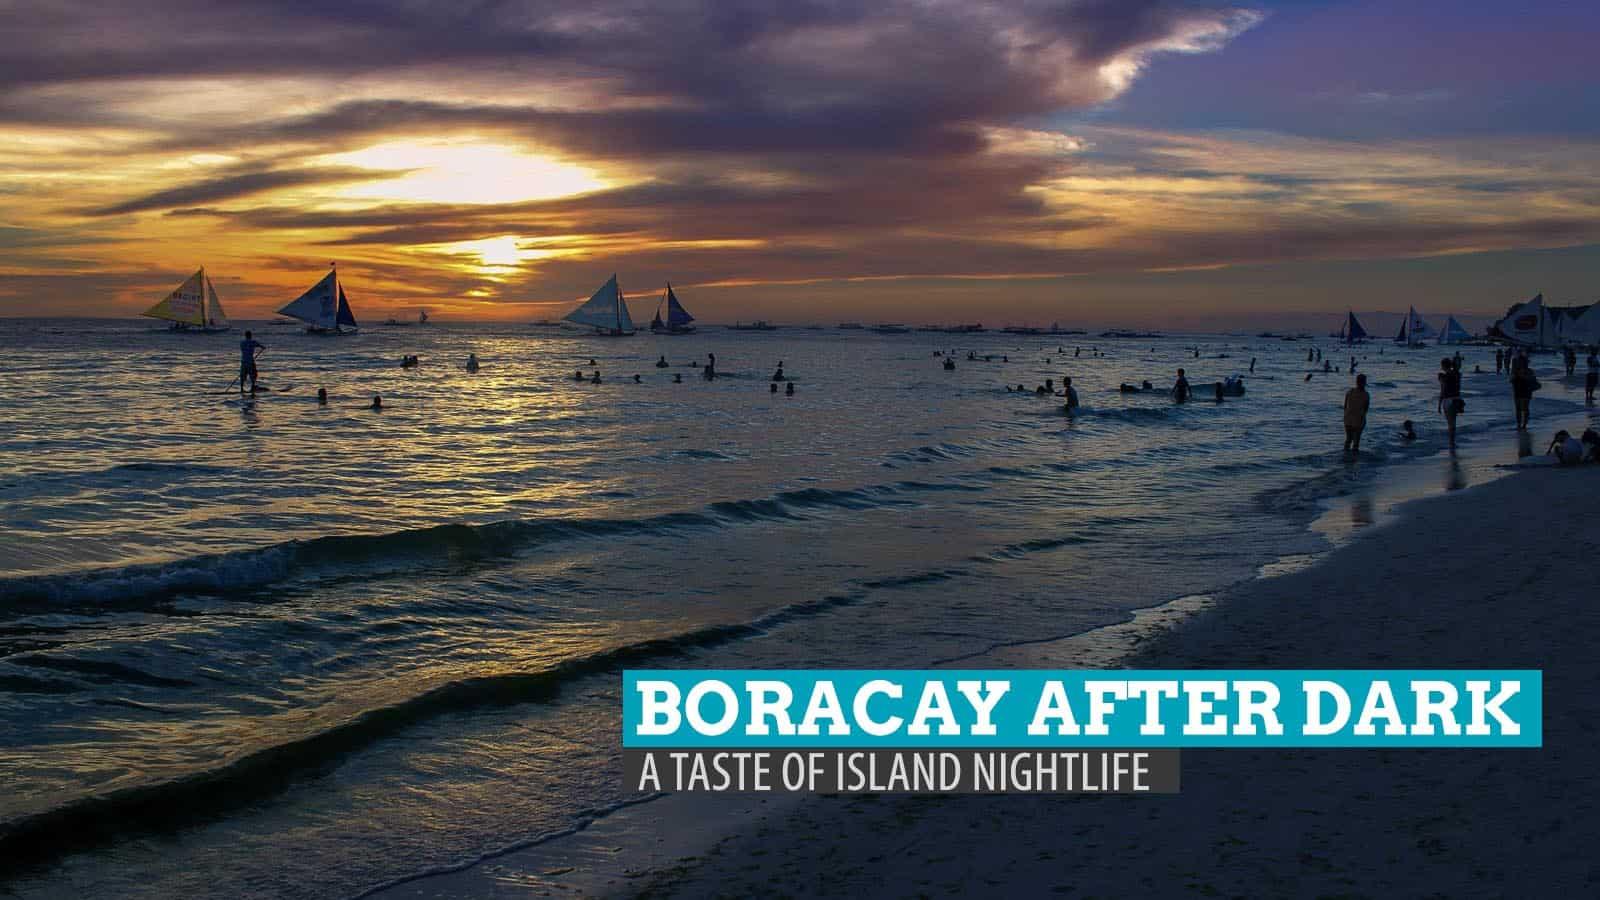 Boracay After Dark: A Taste of Island Nightlife